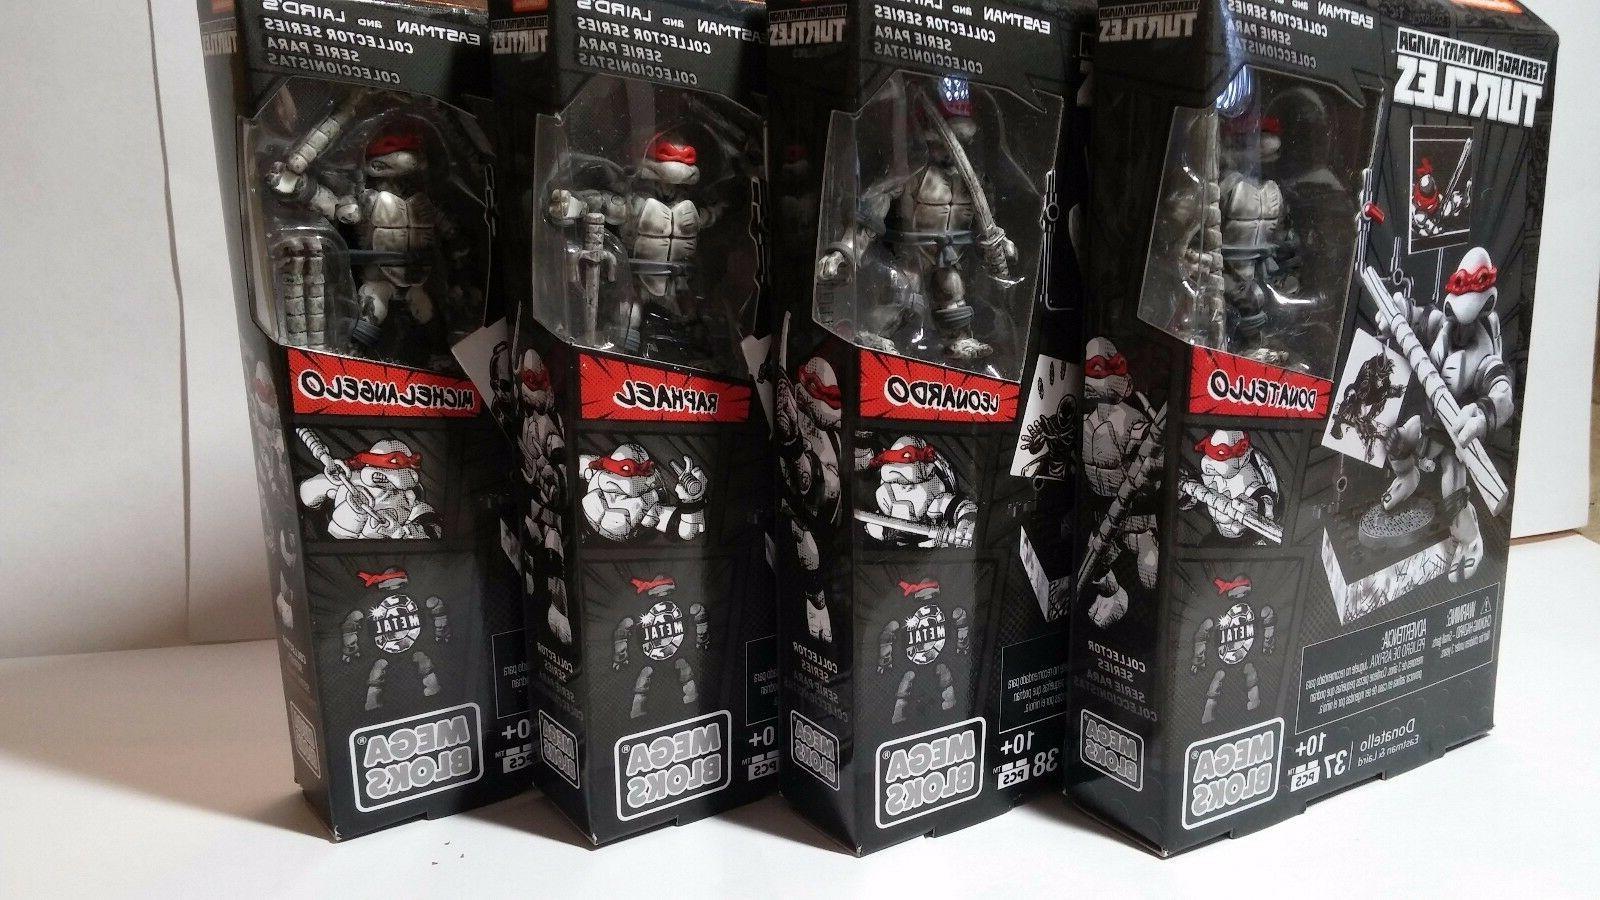 Mega Bloks Ninja Turtles Eastman & Laird's Collector Series